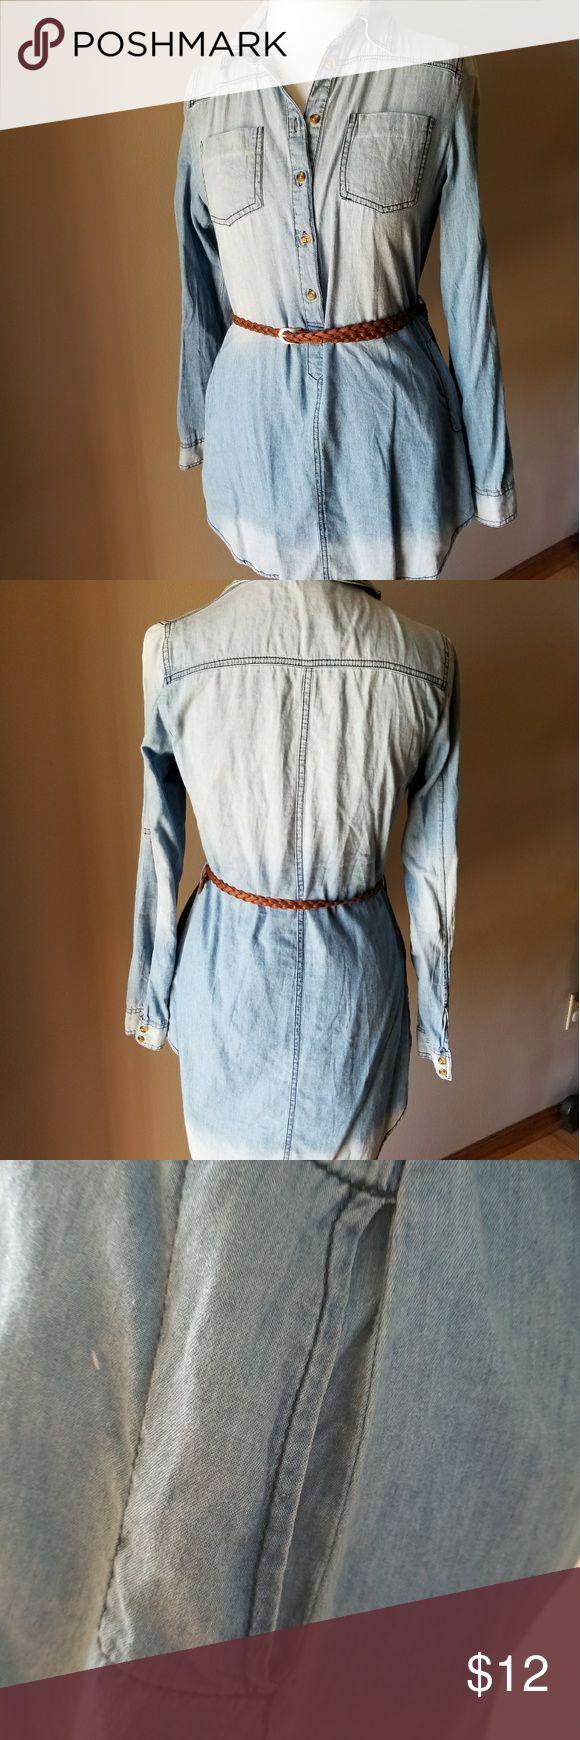 Denim Long Sleeve Shirt Size Medium EUC Denim Long Sleeve Shirt Size Medium, can be worn with a belt.  Pair with cute leggings. EUC Rue21 Tops